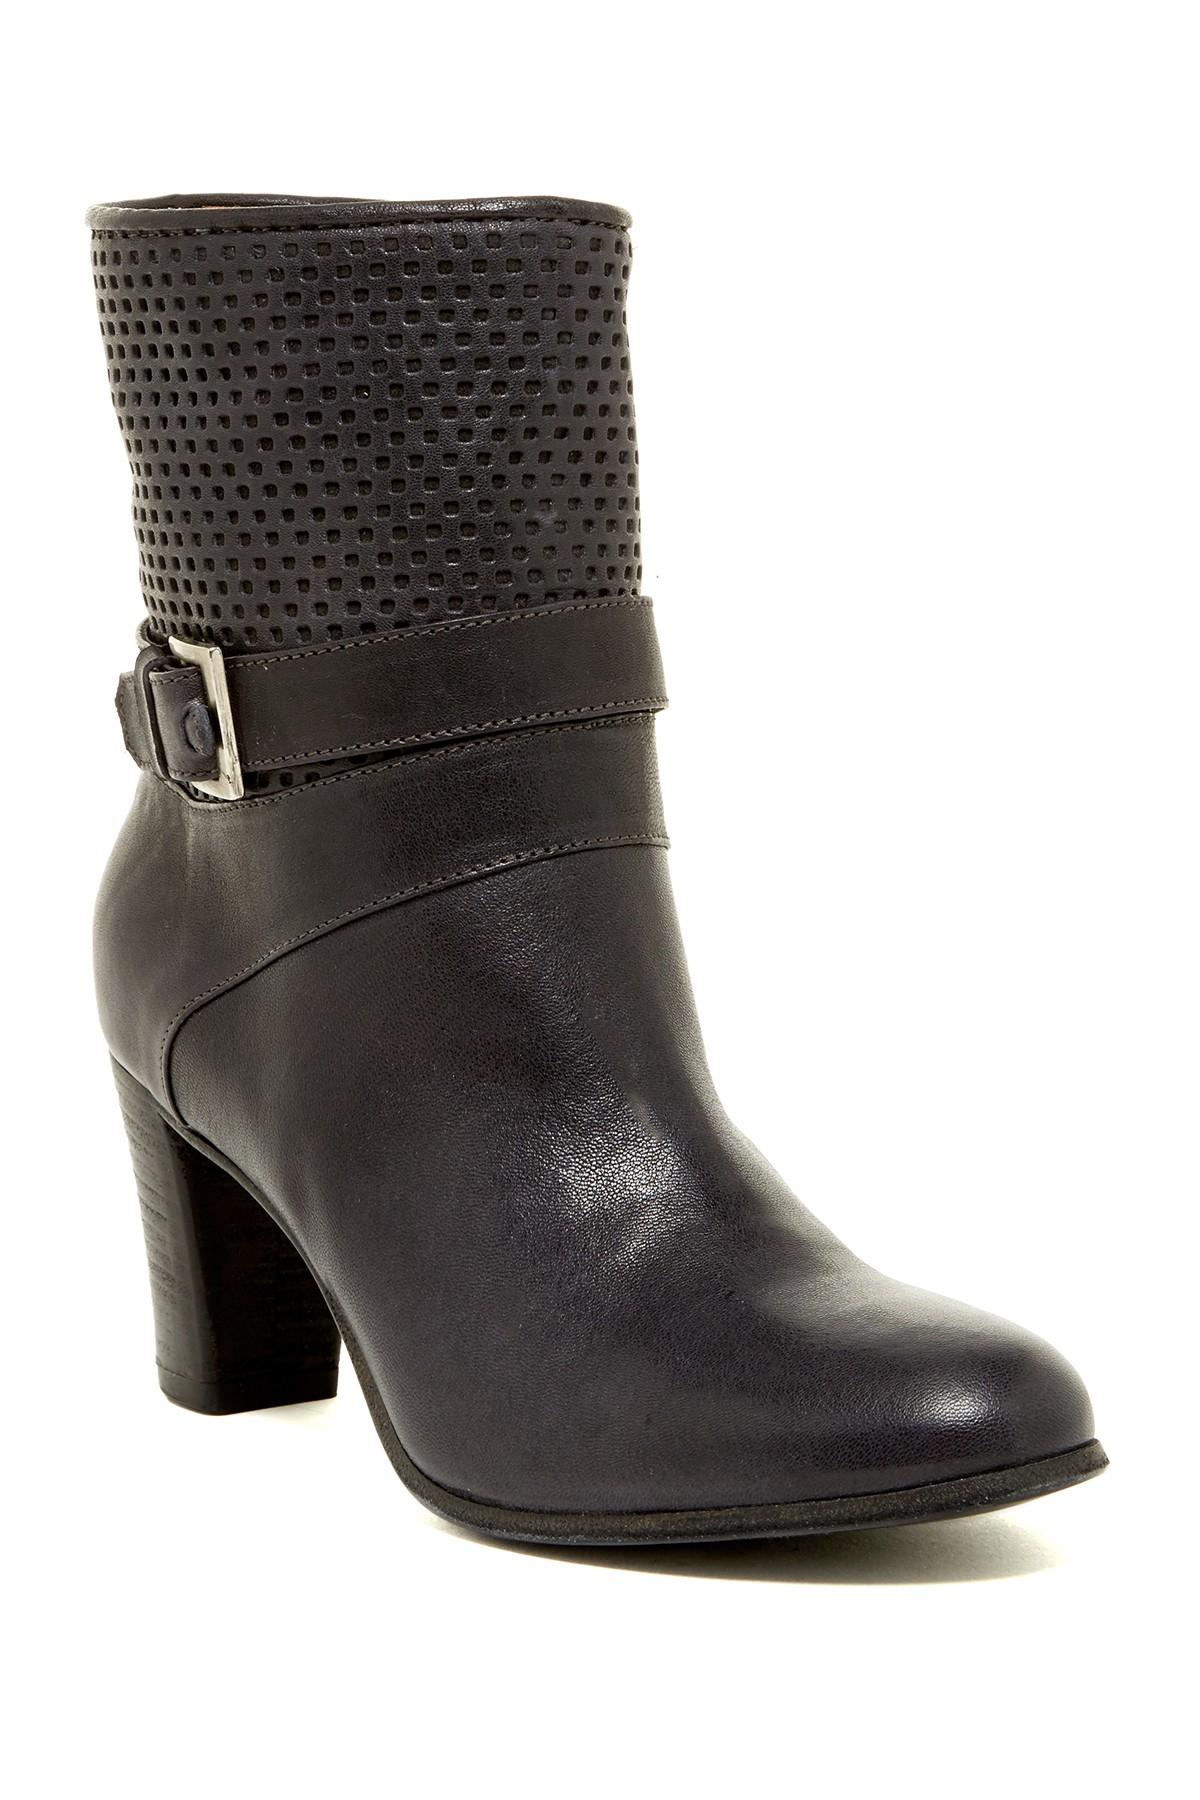 Alberto fermani Tilda Boot in Black